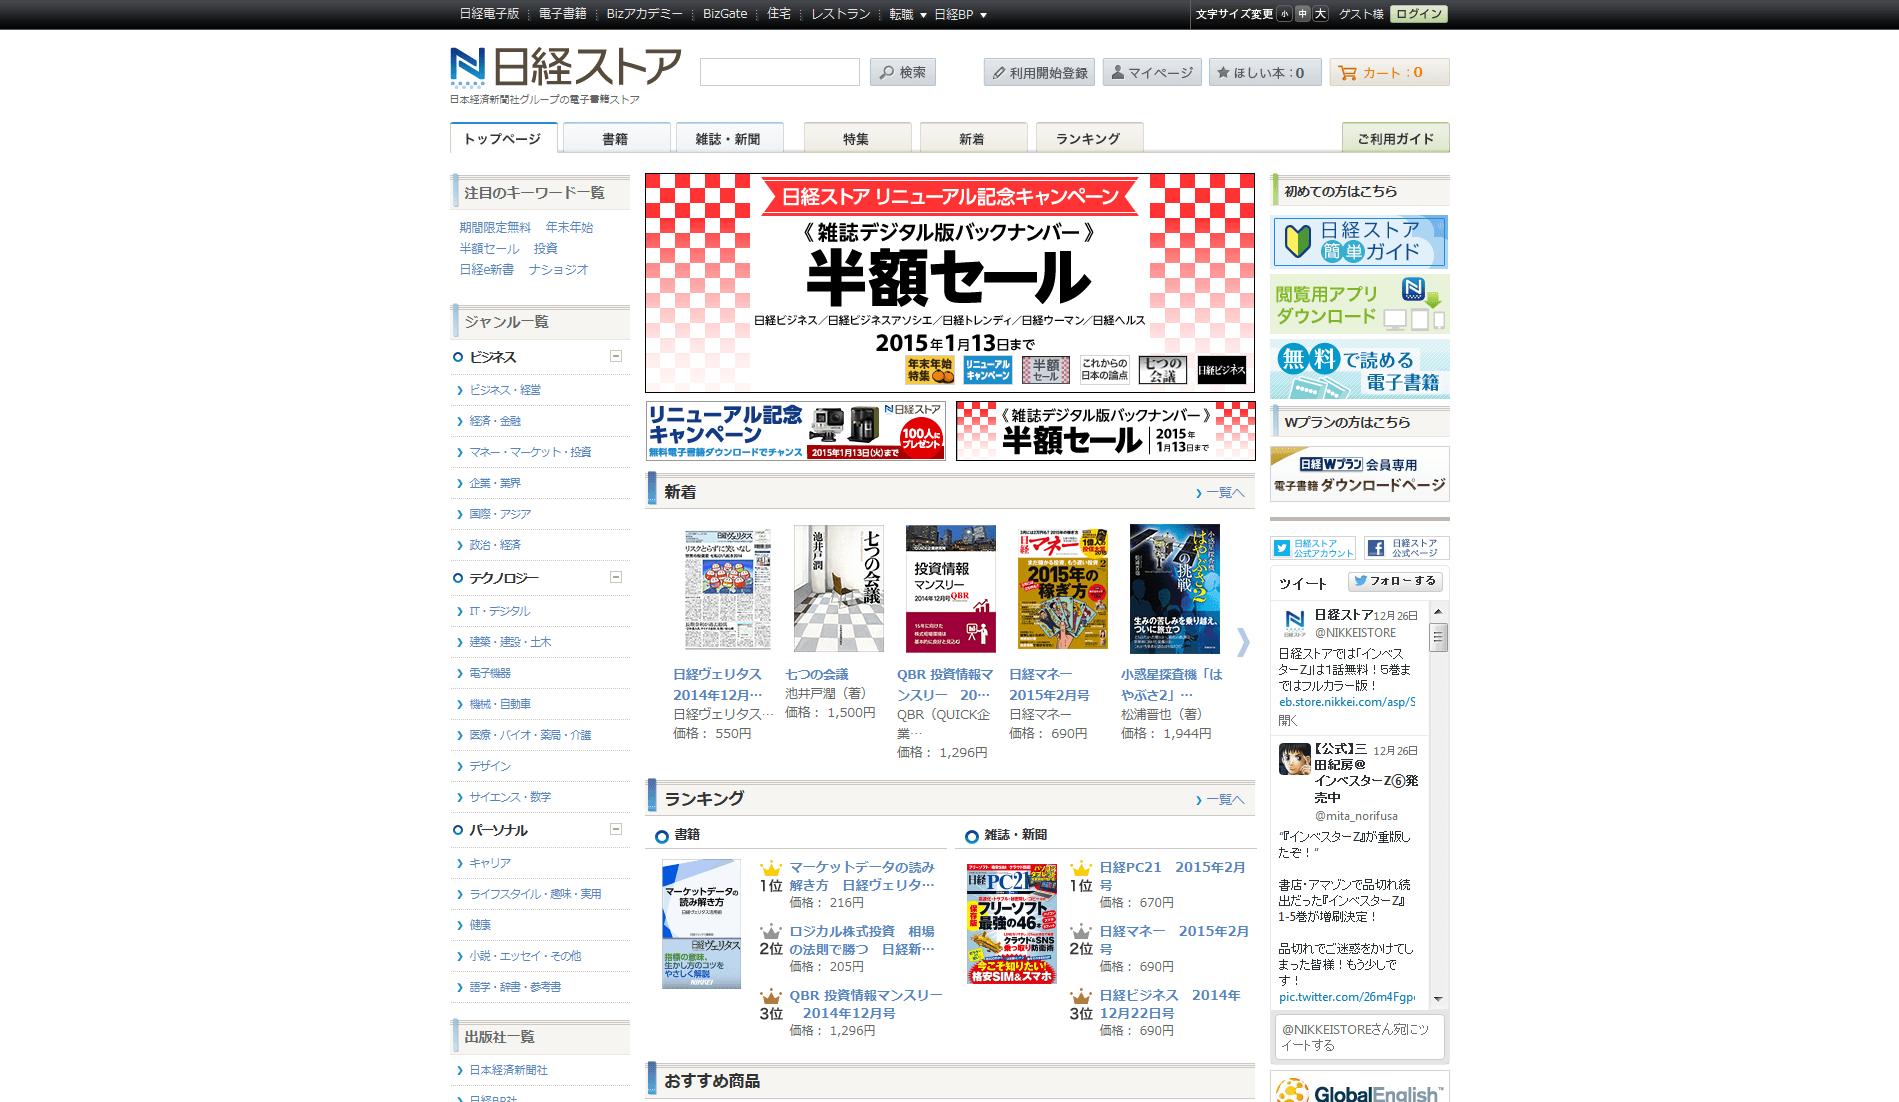 日経ストア - 日本経済新聞社グループの電子書籍ストア